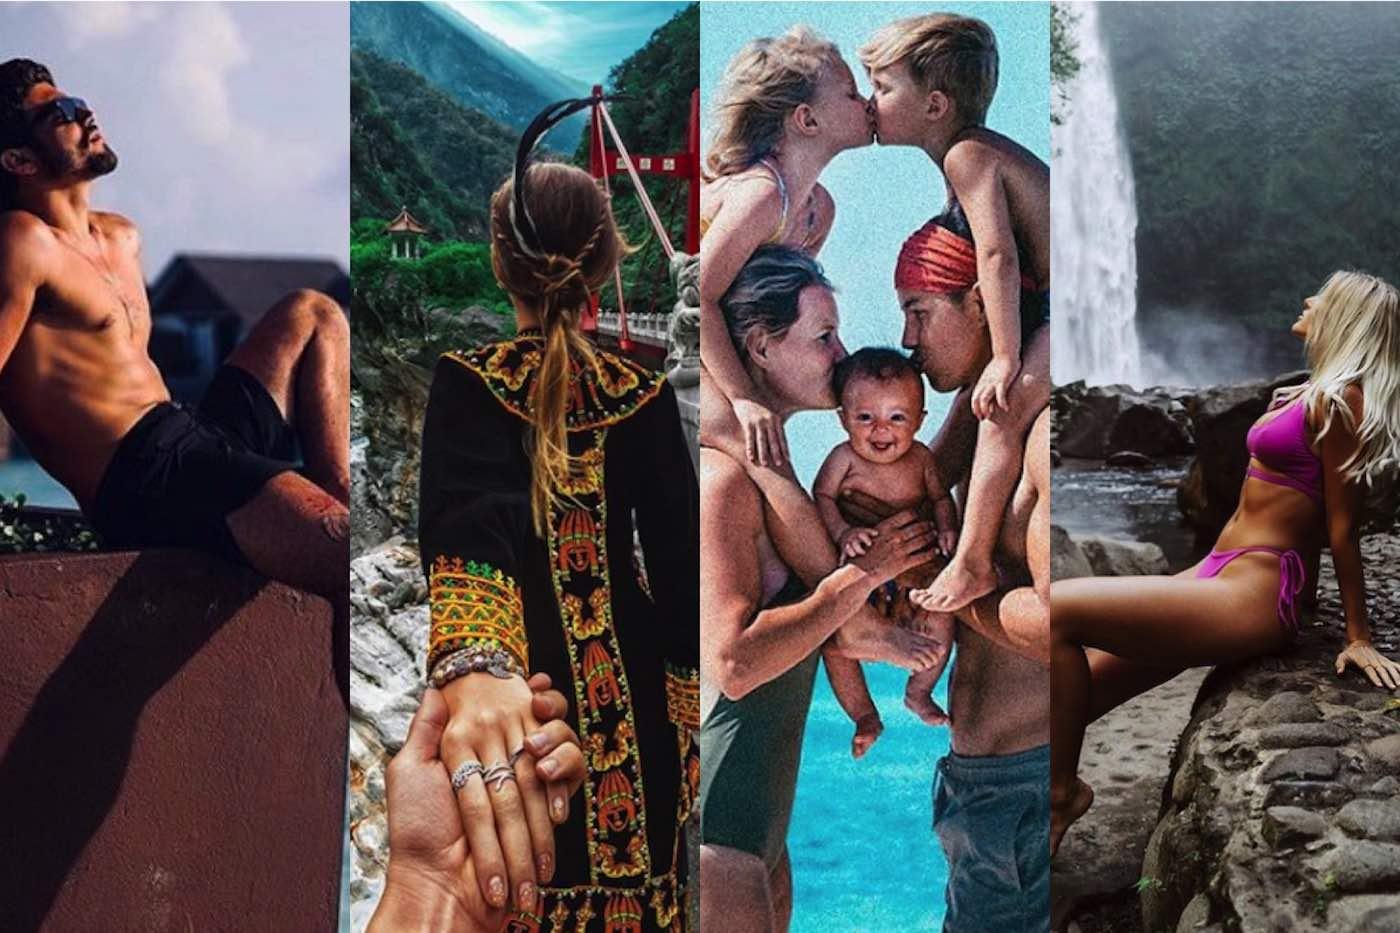 Chequea la asombrosa cantidad de dinero que ganan estos 10 viajeros influencers de Instagram por cada publicación